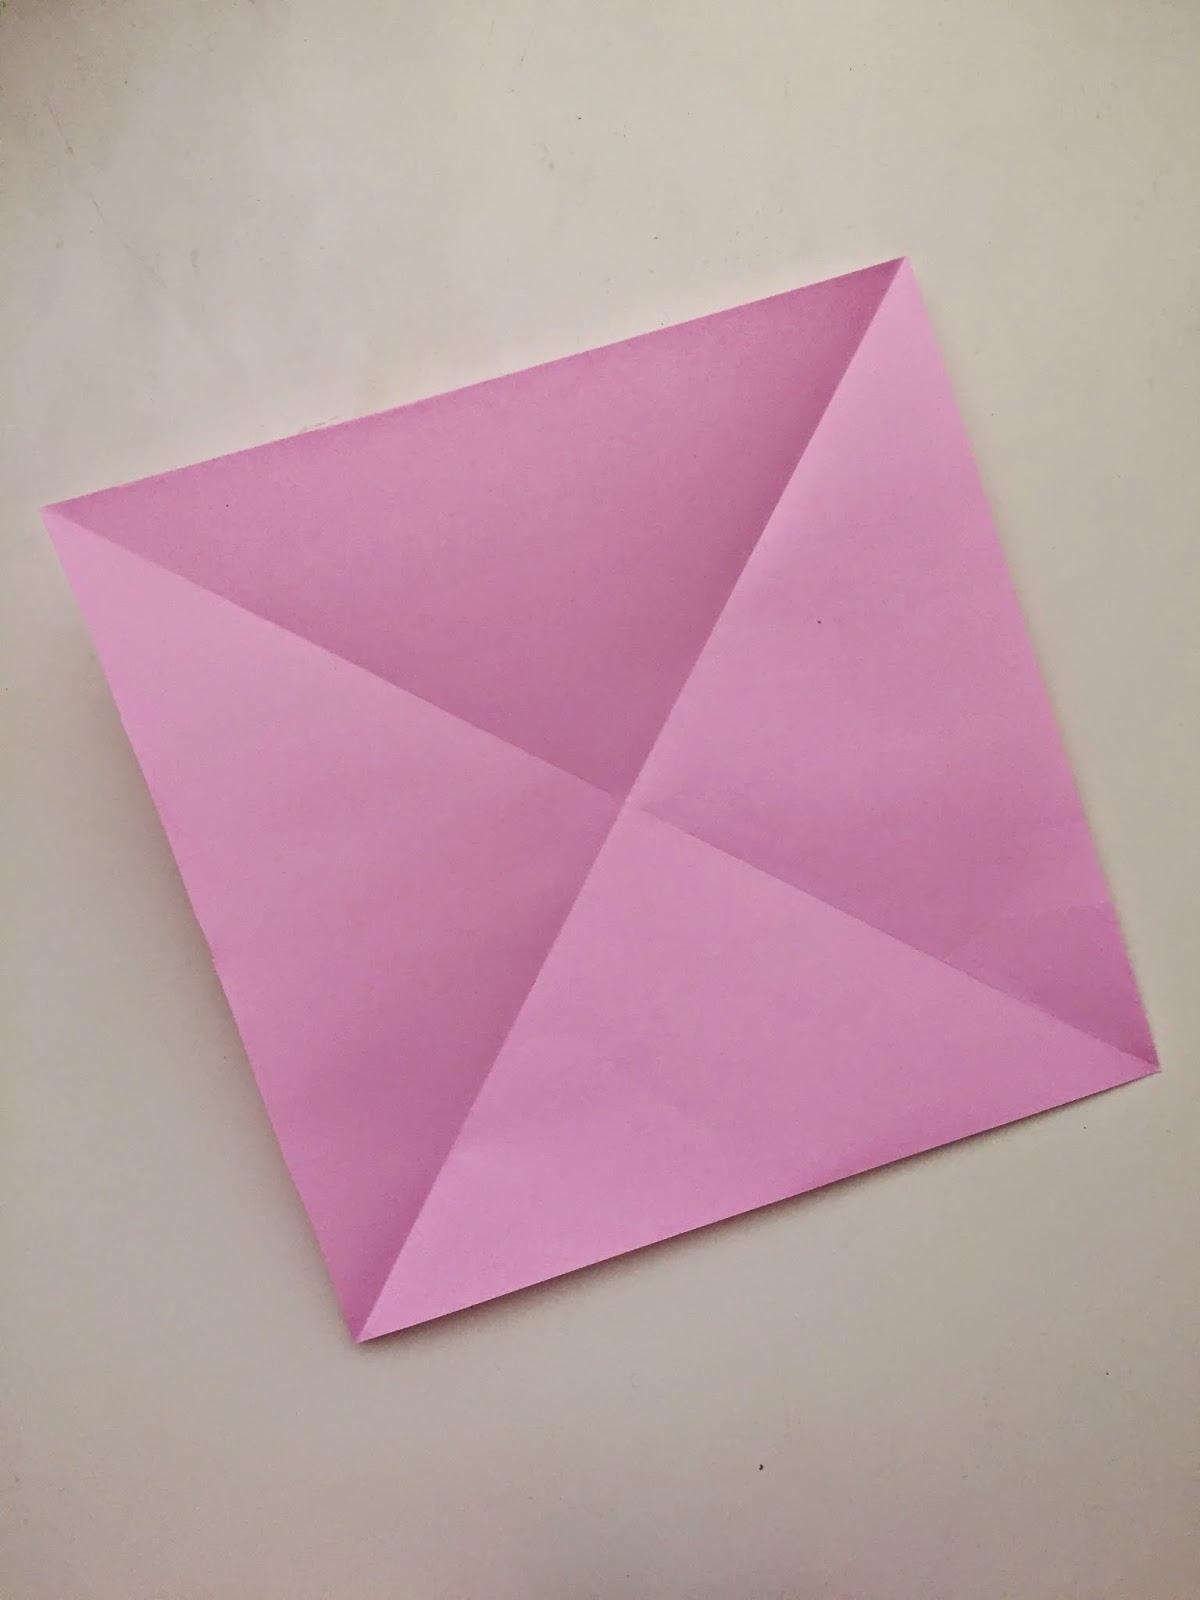 DIY Simple Paper Bows